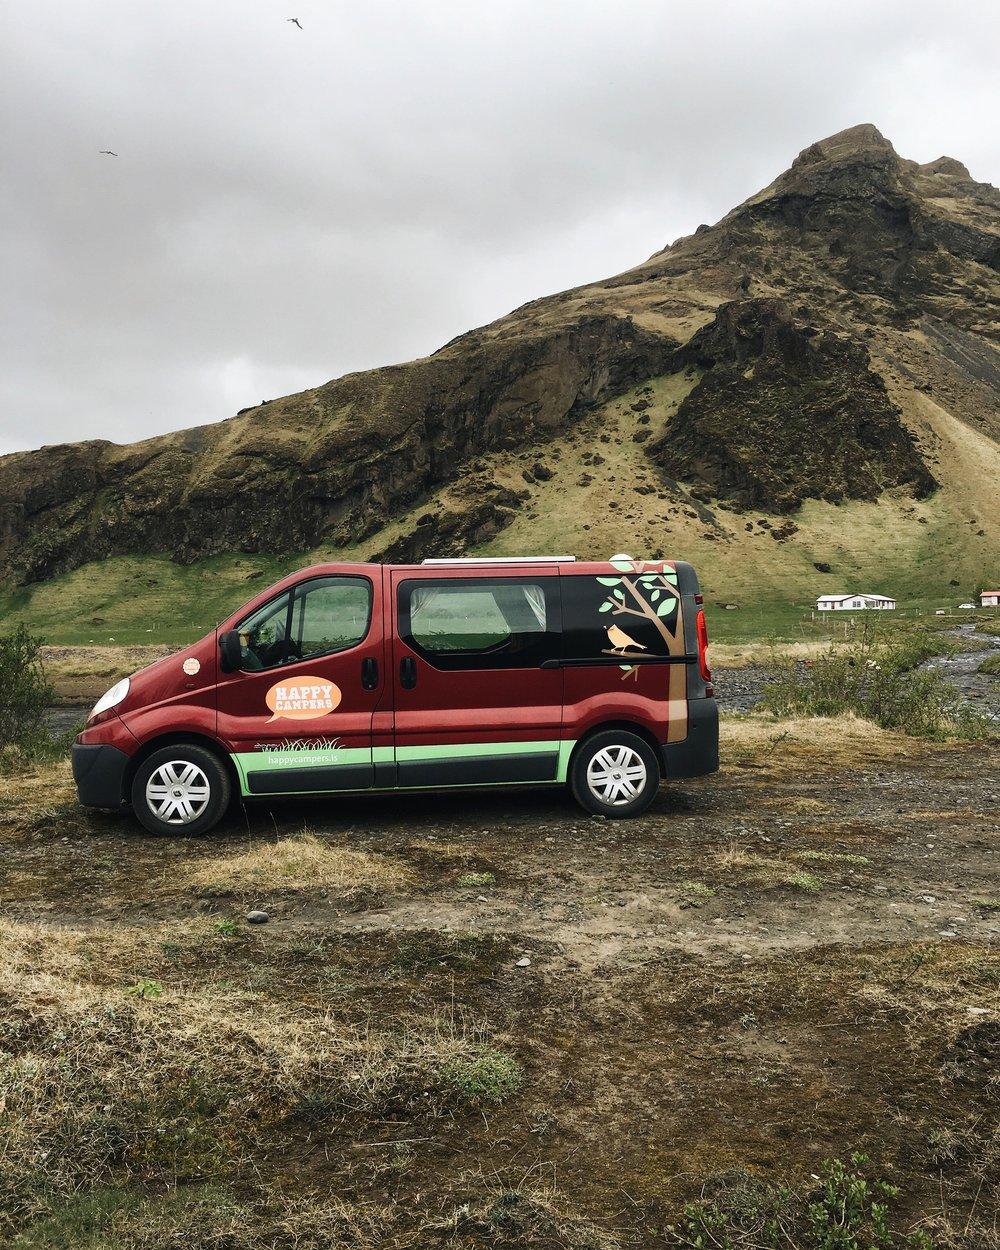 EXPLORING ICELAND IN A CAMPER VAN -